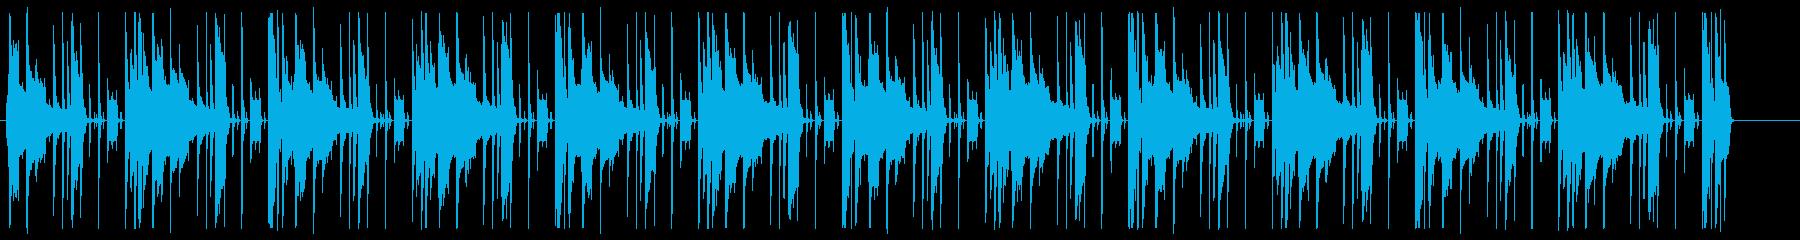 考え中、楽しげ、可愛いエレピと電子ドラムの再生済みの波形